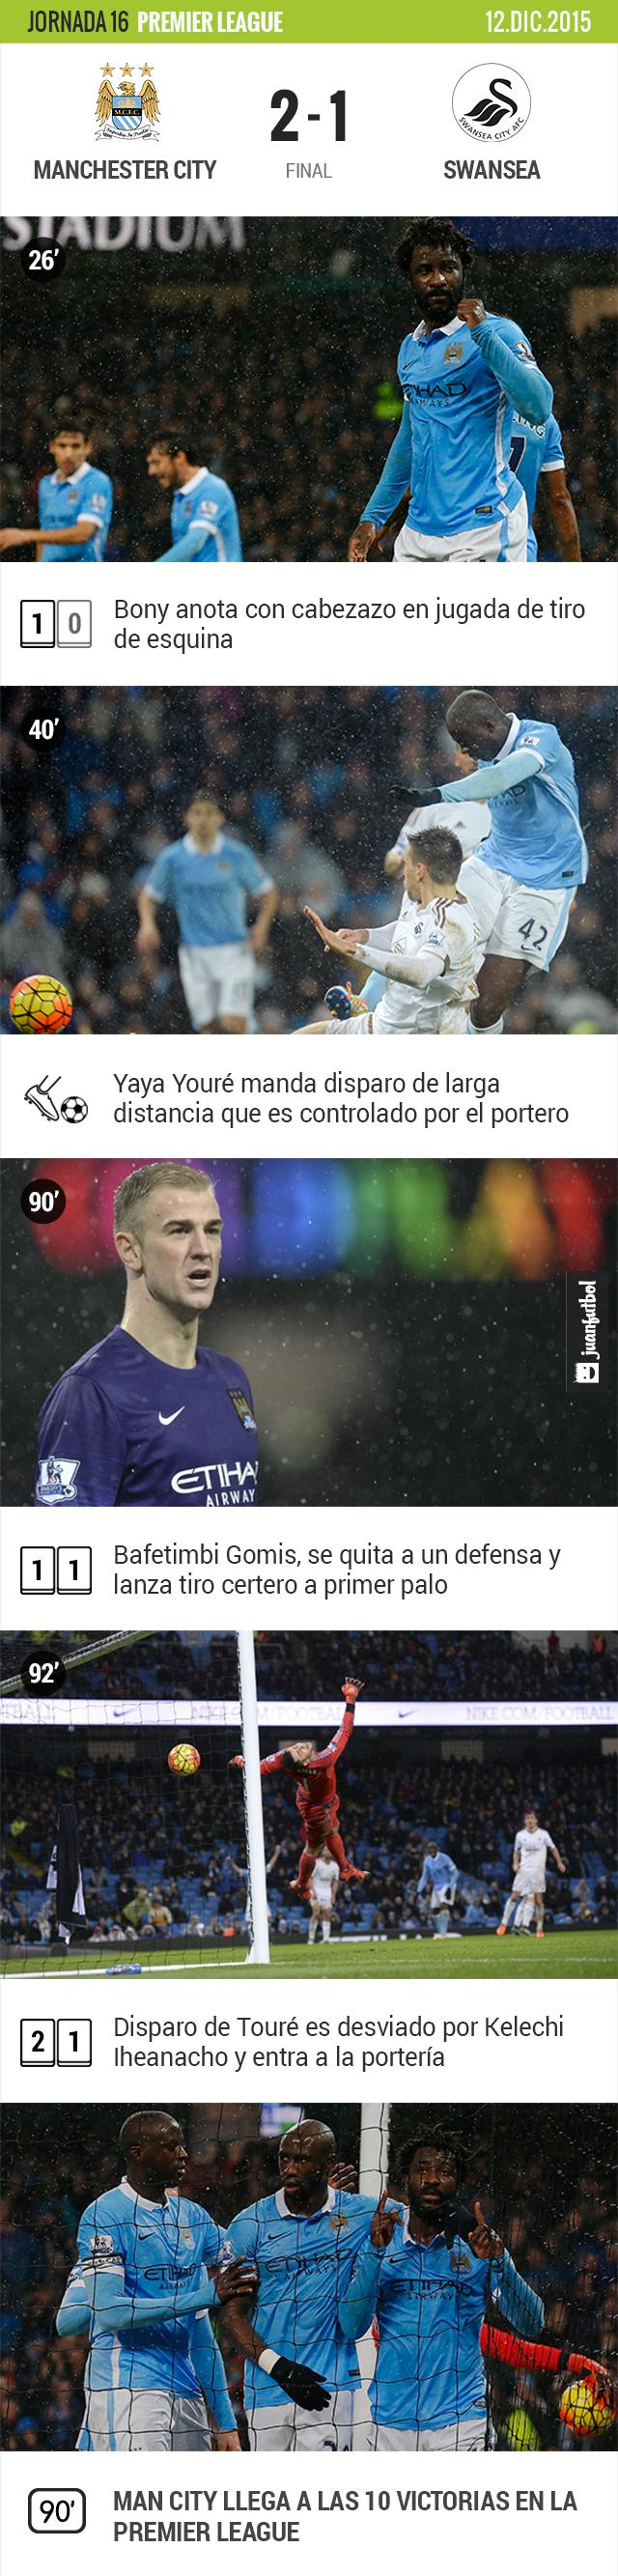 Manchester City le gana al Swansea 2-1 con gol de último minuto